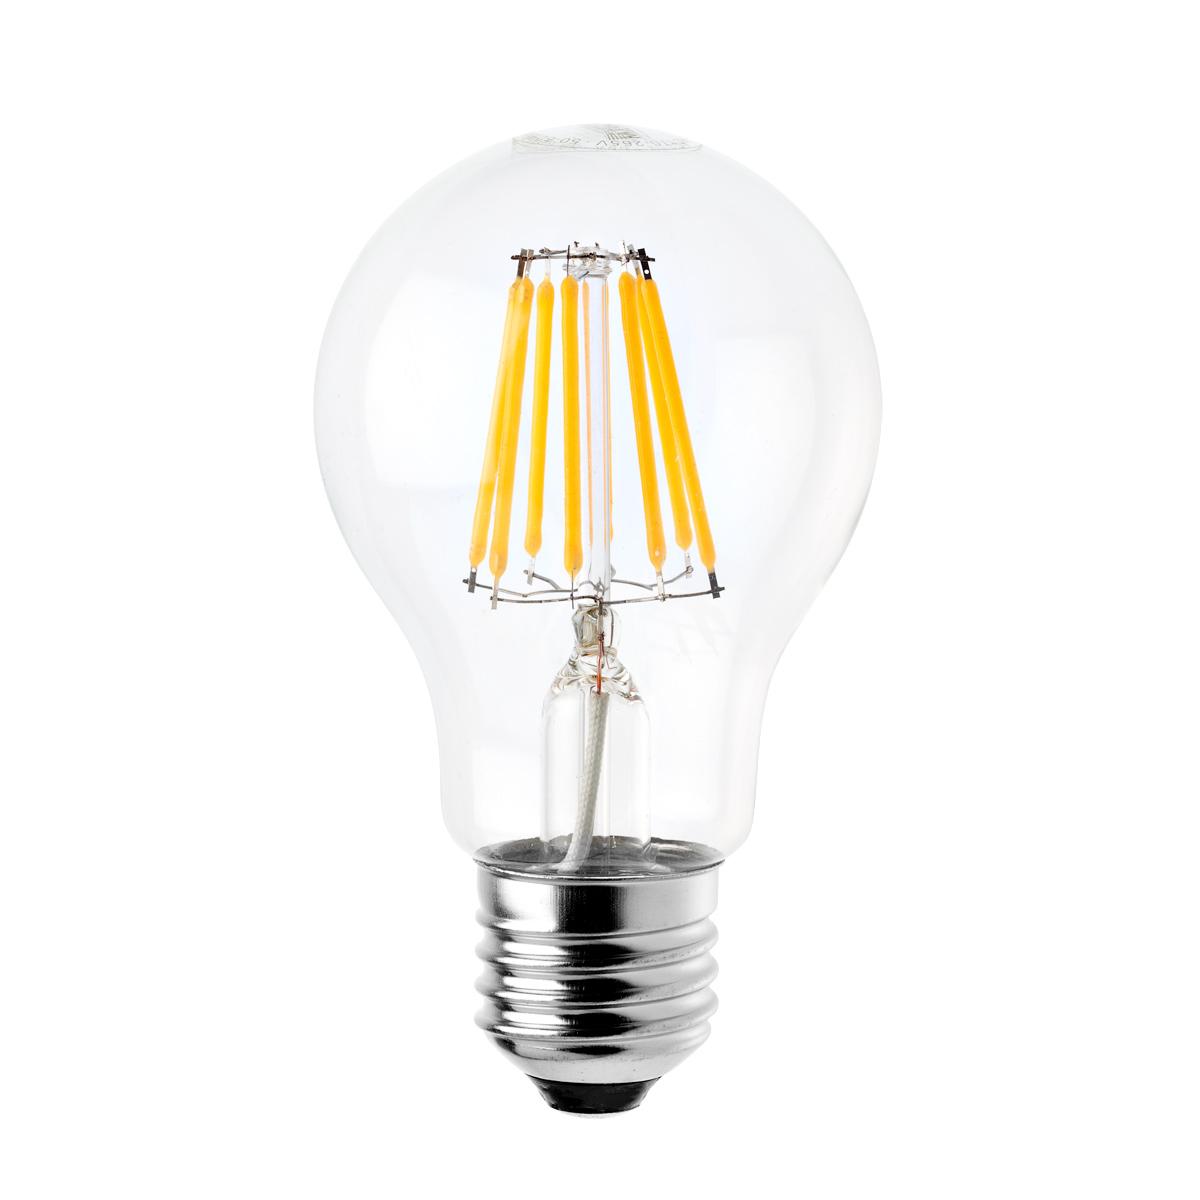 МАЯК - Лампа светодиодная МАЯК Led-a60f/8w/2700 (LBF-A60-E27/8W/2700-001)